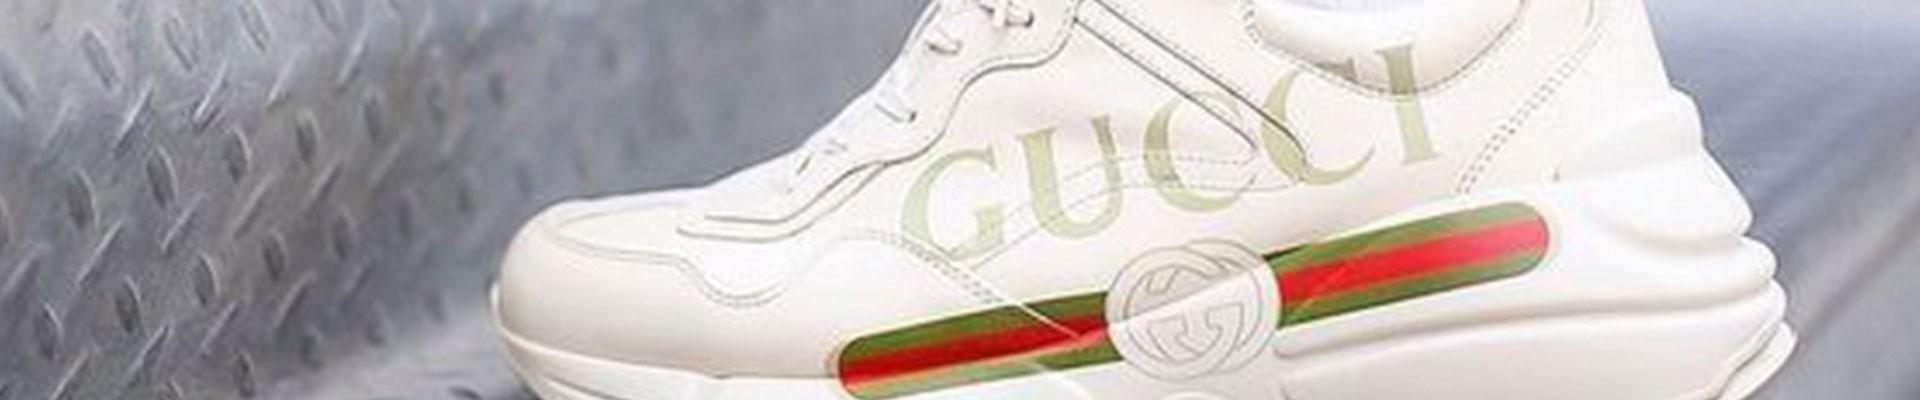 Gucci Rython por tan sólo 69,95€ y envío gratis - Calza Tendencias